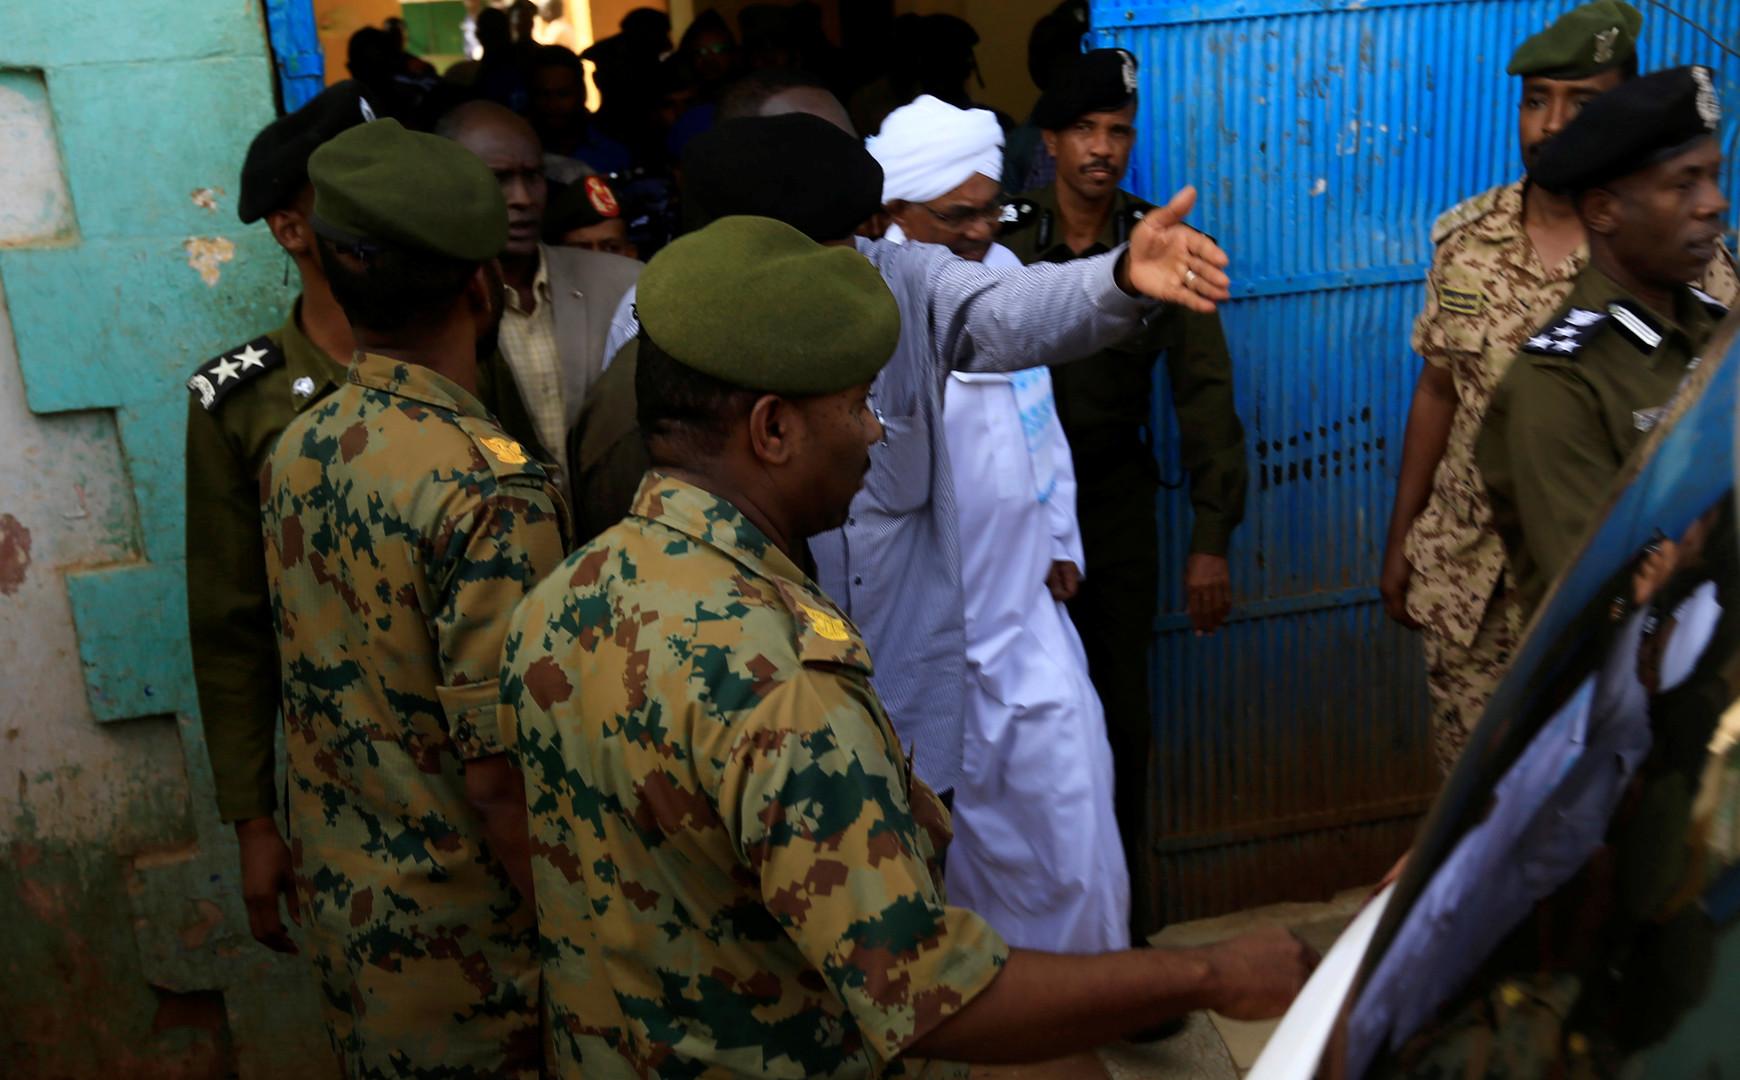 رواية مثيرة عما حدث في منزل الرئيس السوداني المخلوع لحظة اعتقاله!